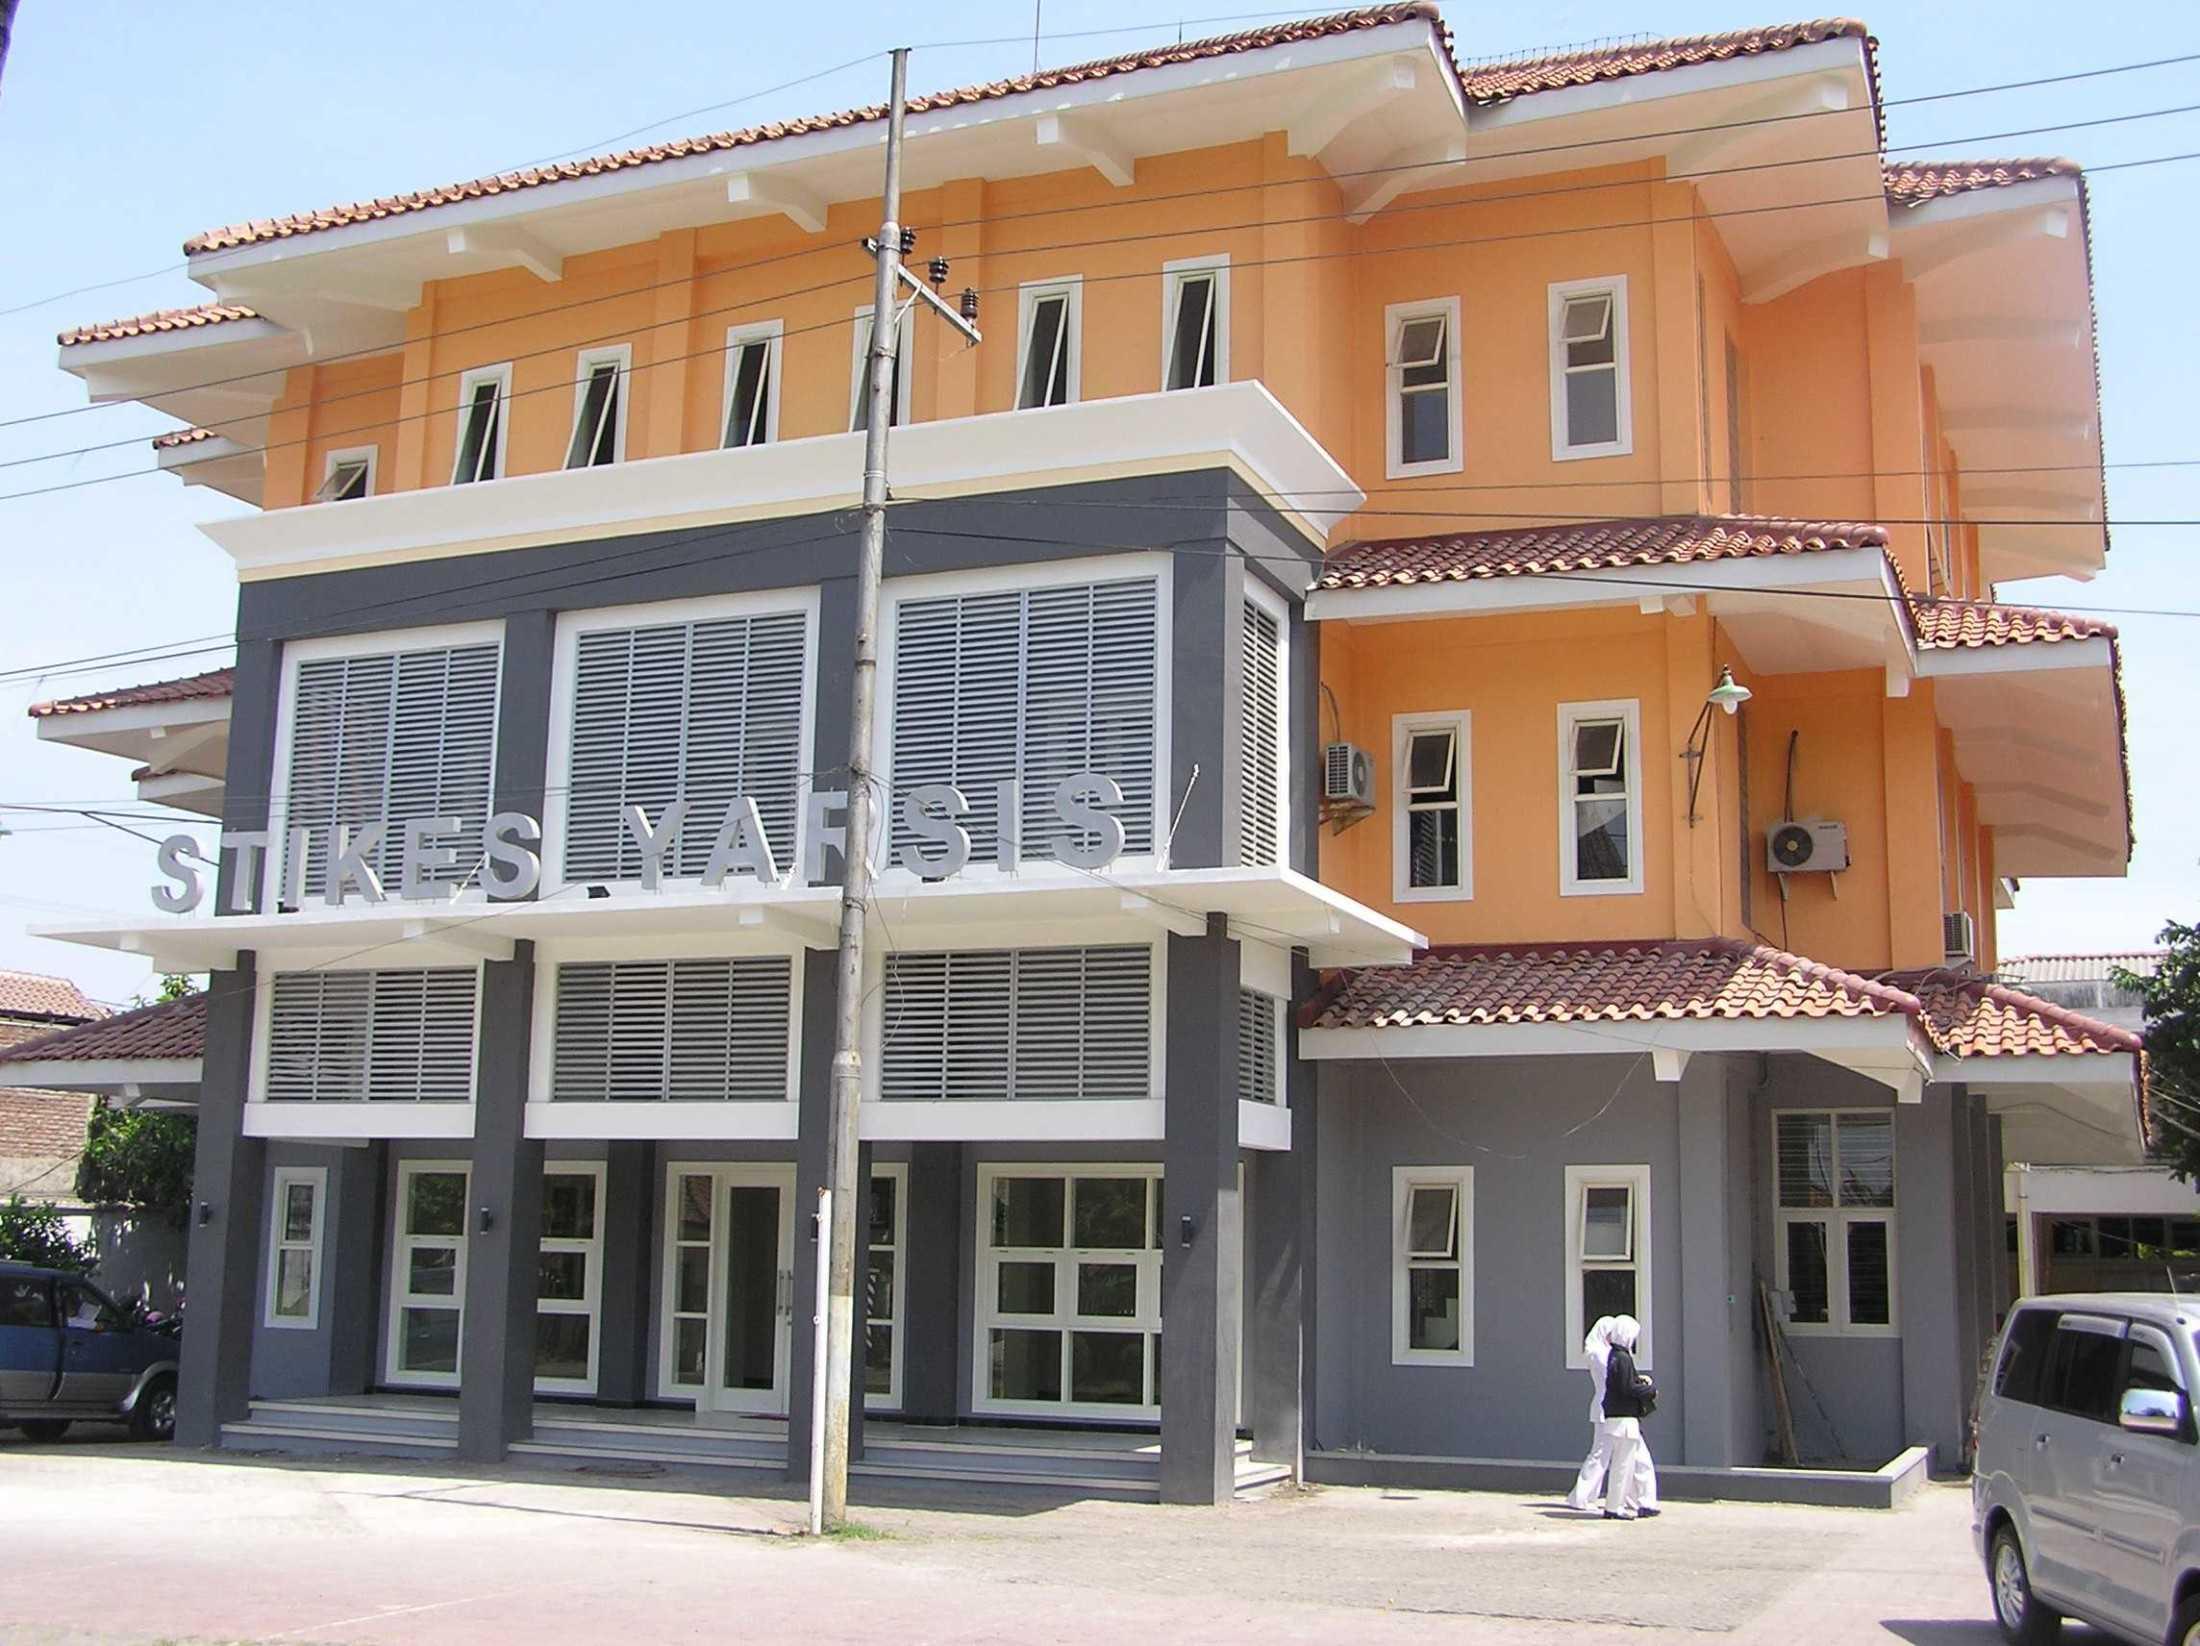 Ega Cipta Pratama Renovasi Gedung Stikes Yarsis Surabaya, Kota Sby, Jawa Timur, Indonesia Surabaya, Kota Sby, Jawa Timur, Indonesia Ega-Cipta-Pratama-Renovasi-Gedung-Stikes-Yarsis  55489